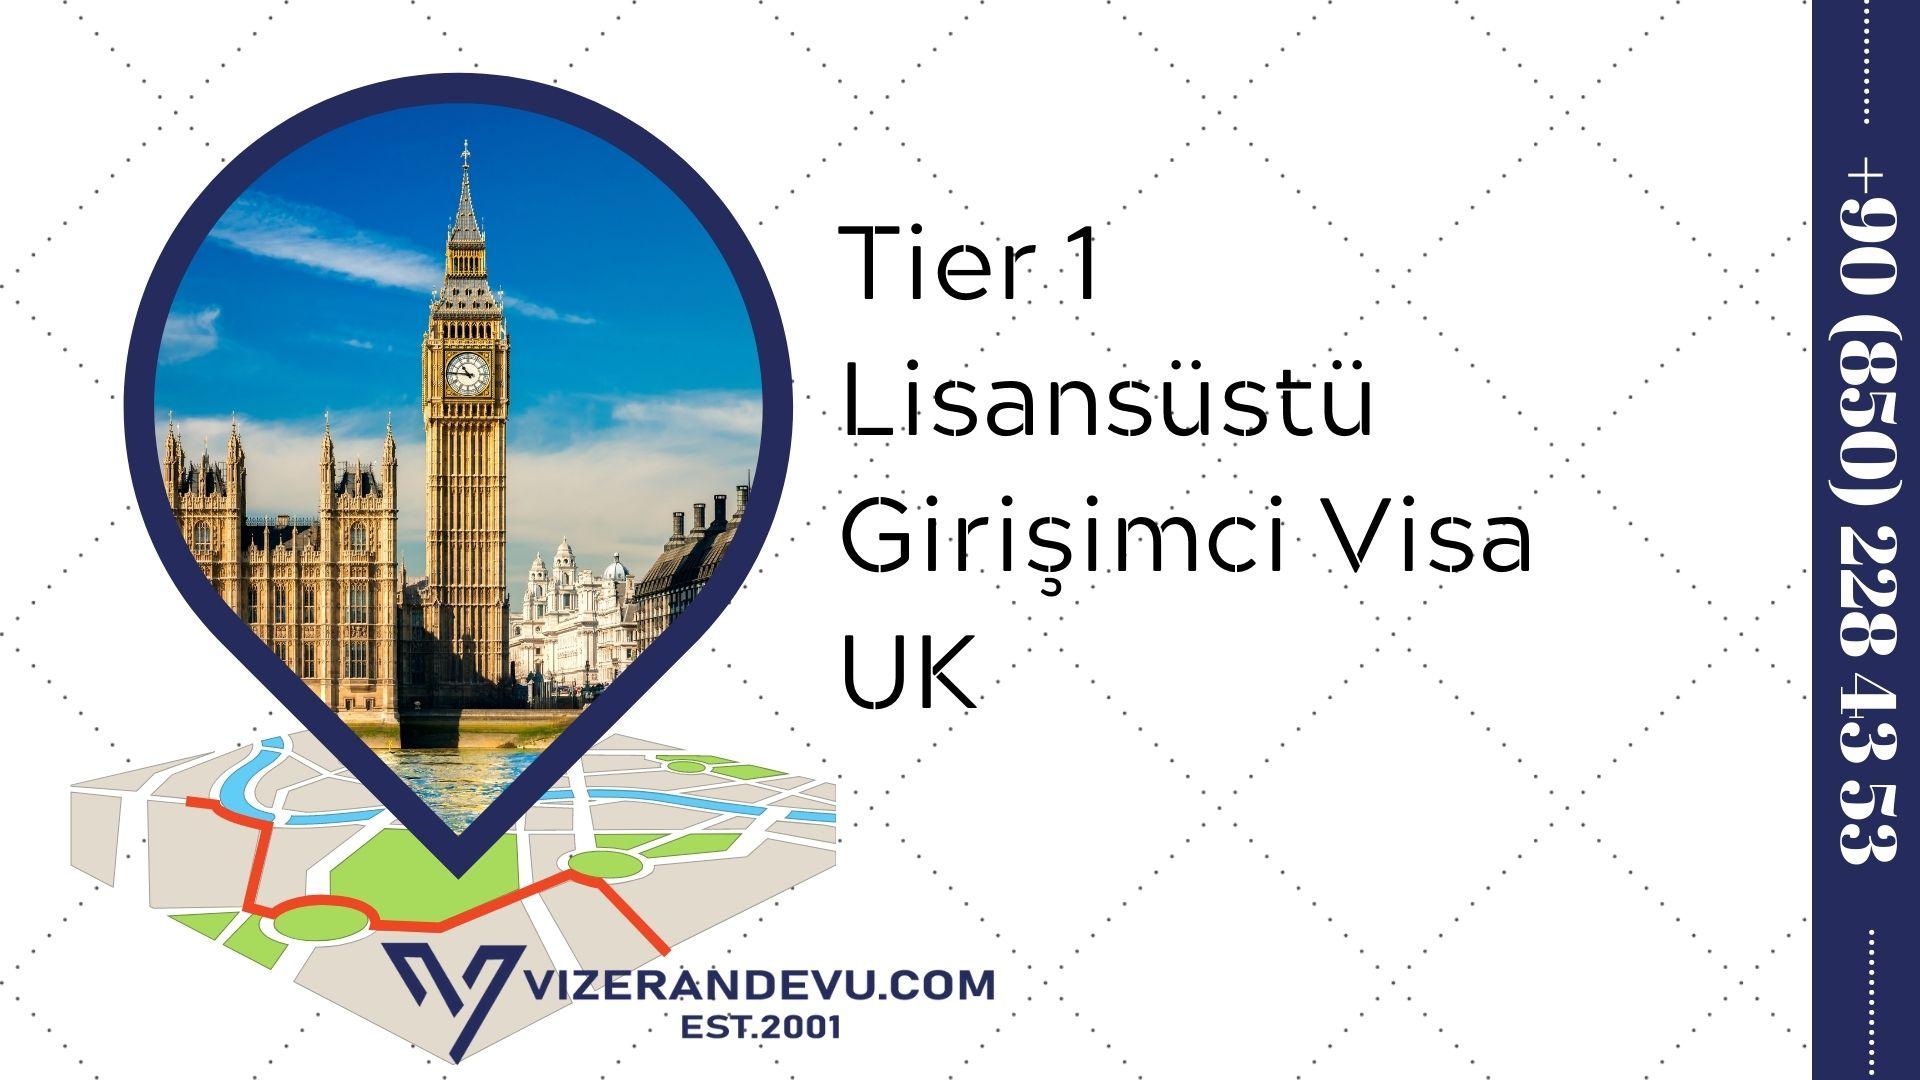 Tier 1 Lisansüstü Girişimci Visa UK